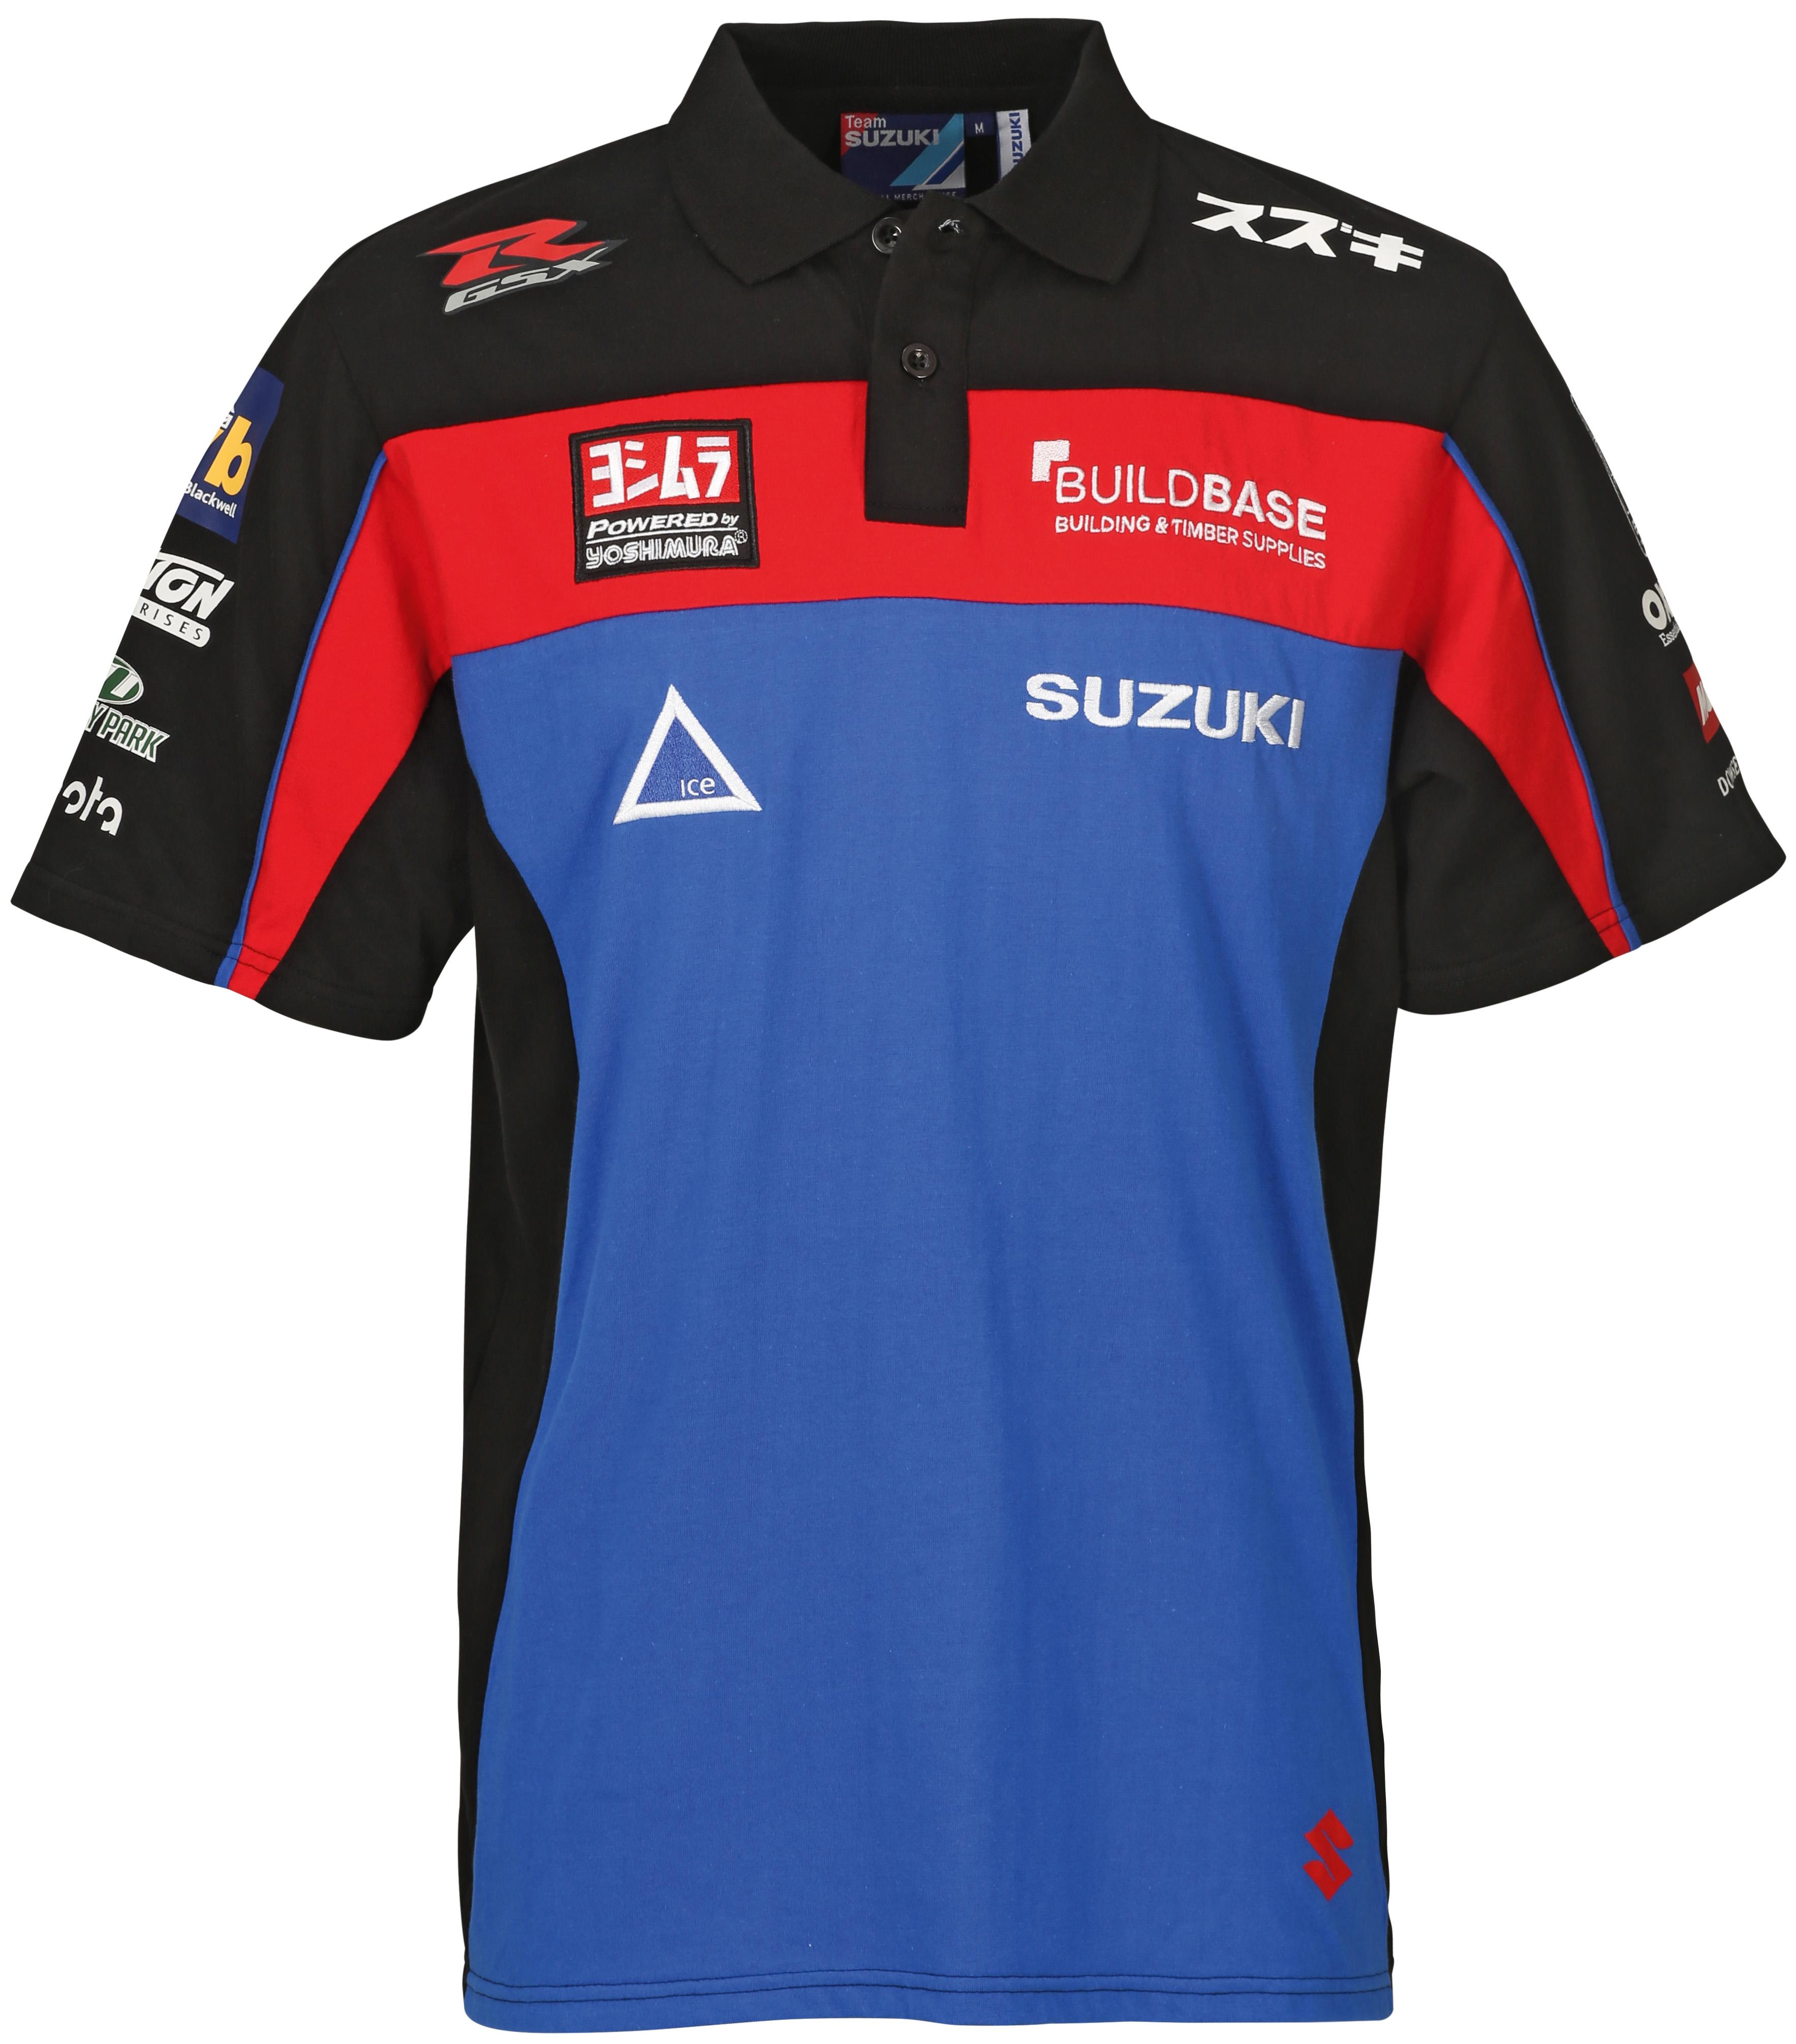 BSB Suzuki Team Polo Shirt